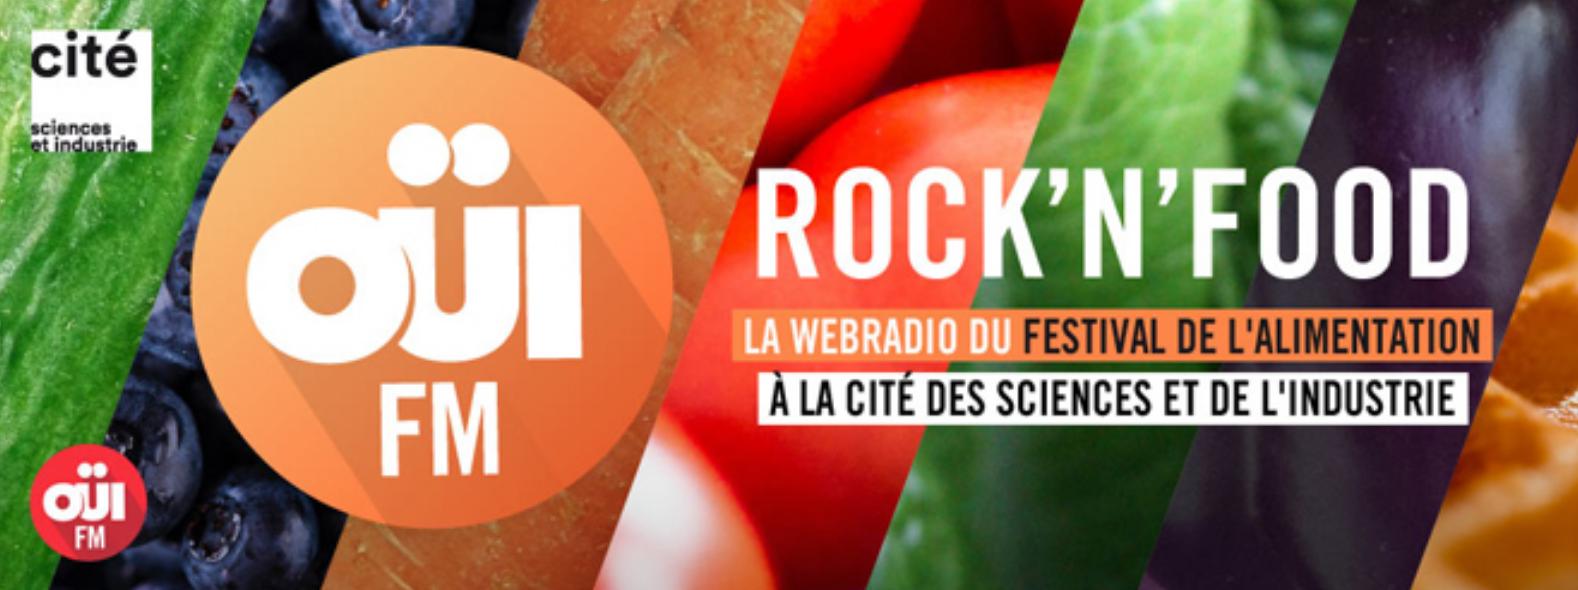 Oüi FM : une webradio pour mettre en appétit